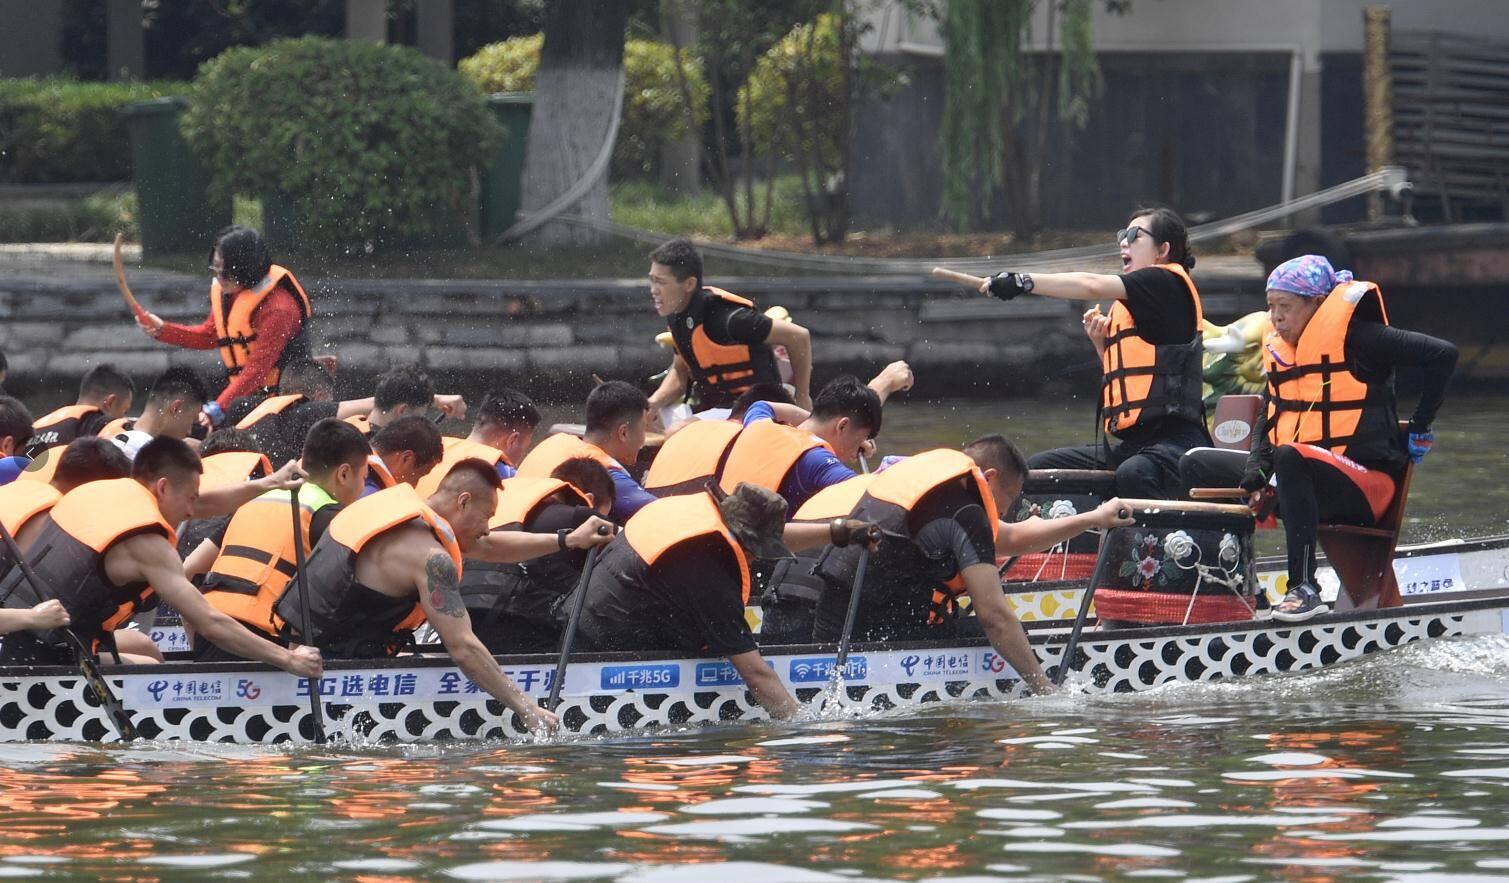 号子声、呐喊声、助威声此起彼伏!看大明湖上龙舟竞渡